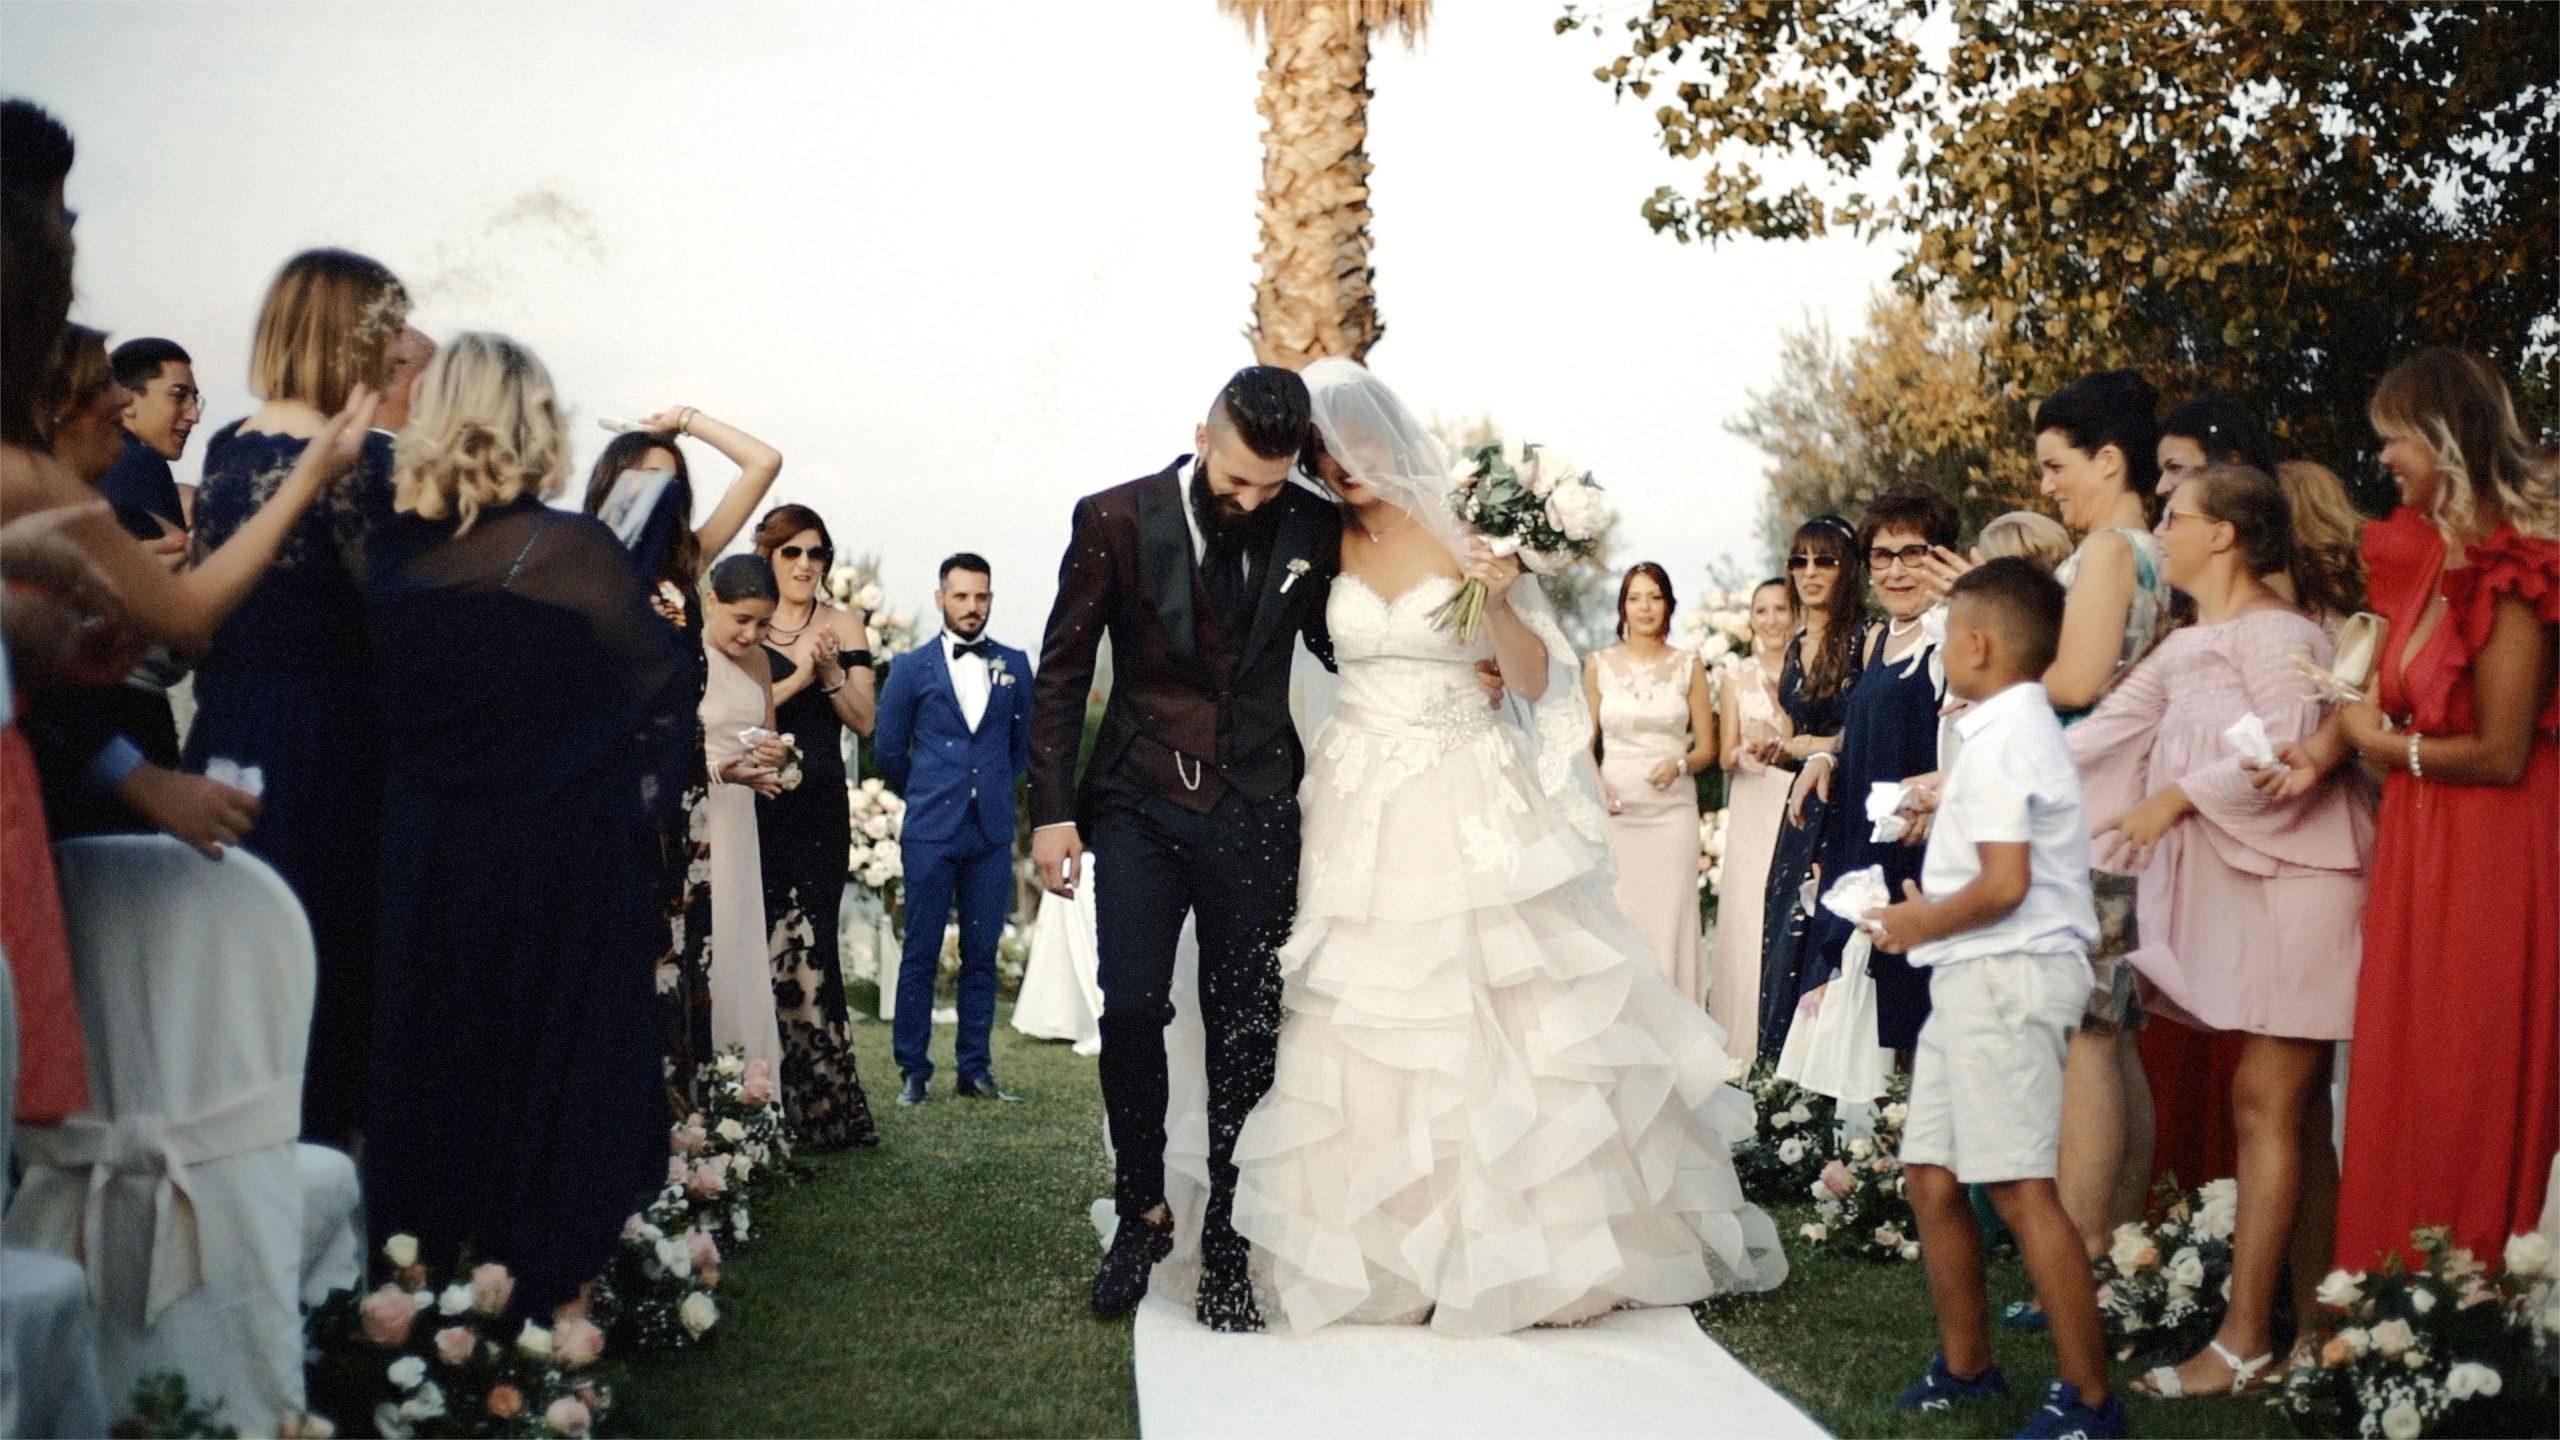 coppia di sposi alla fine della cerimonia prende il riso in testa